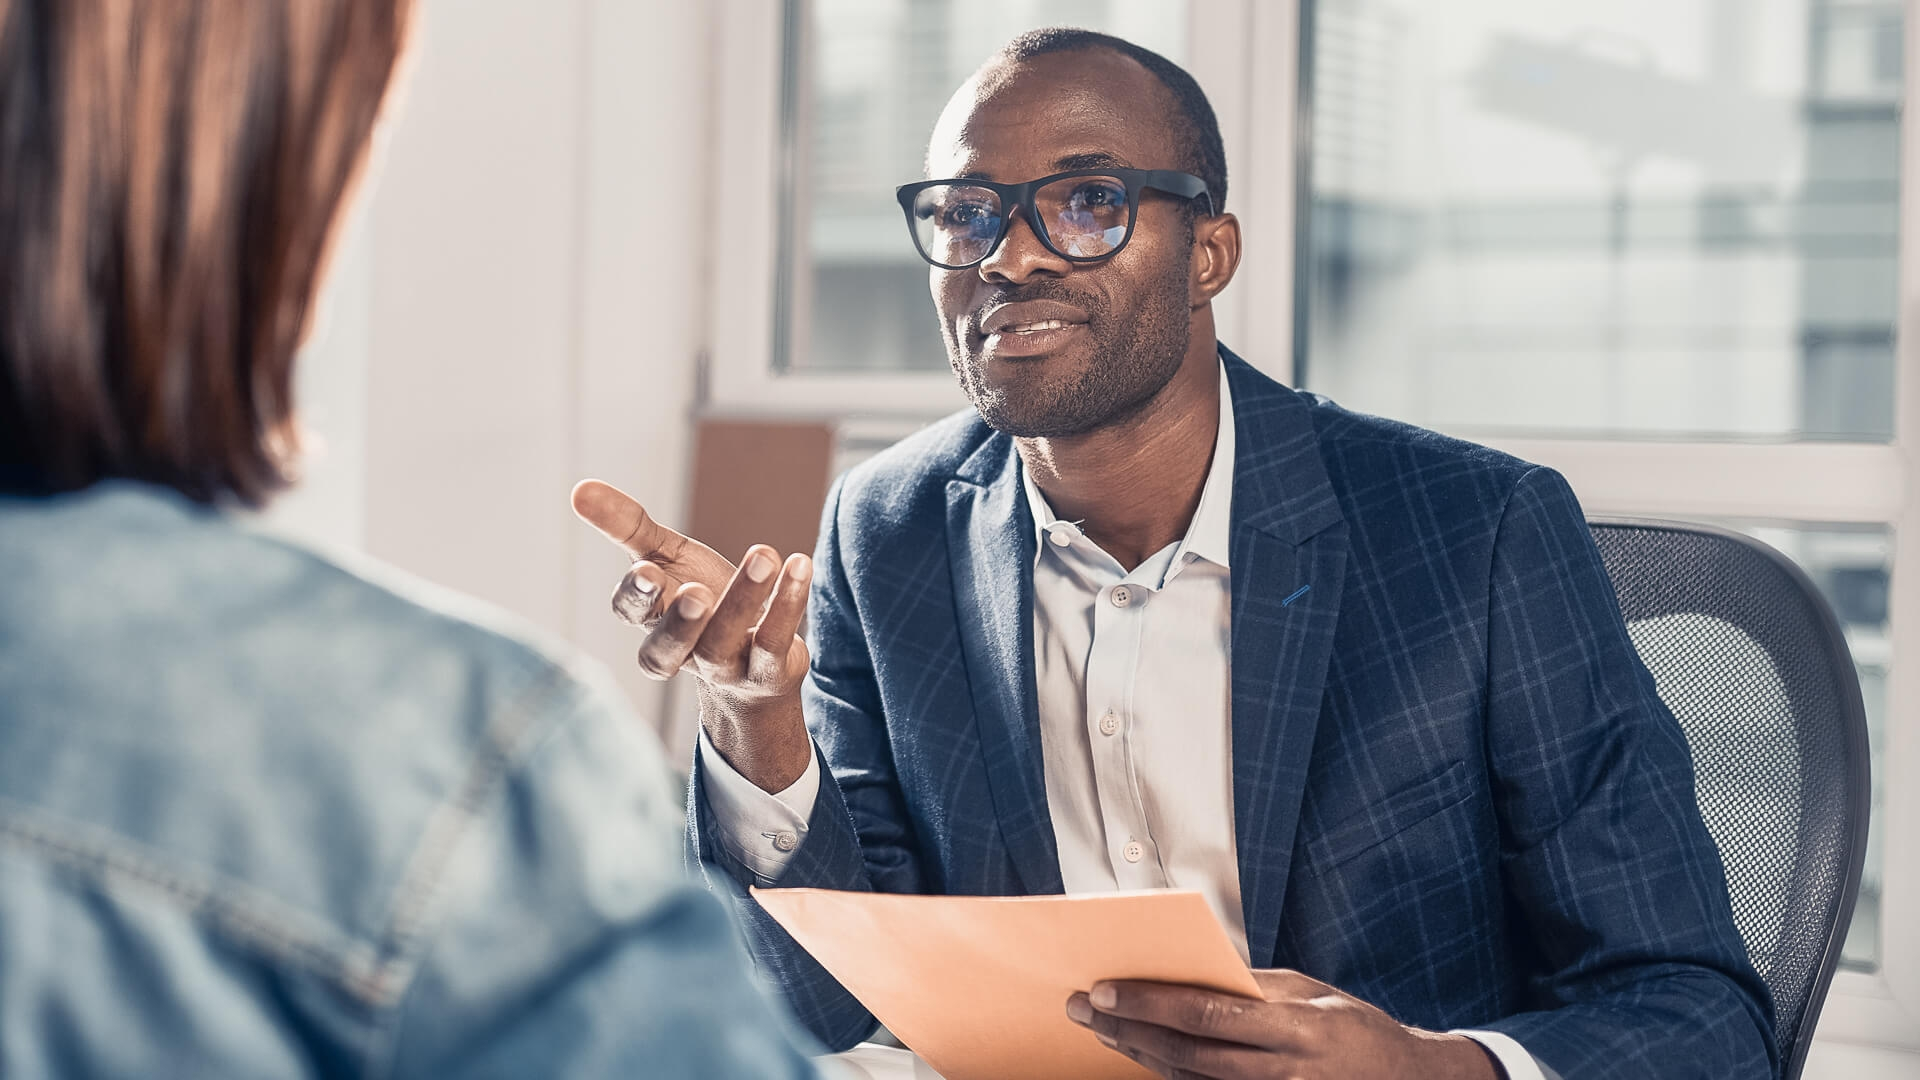 انتقاء أسئلة تعكس فهم المرشح طبيعة العمل وطرحها أثناء المقابلة